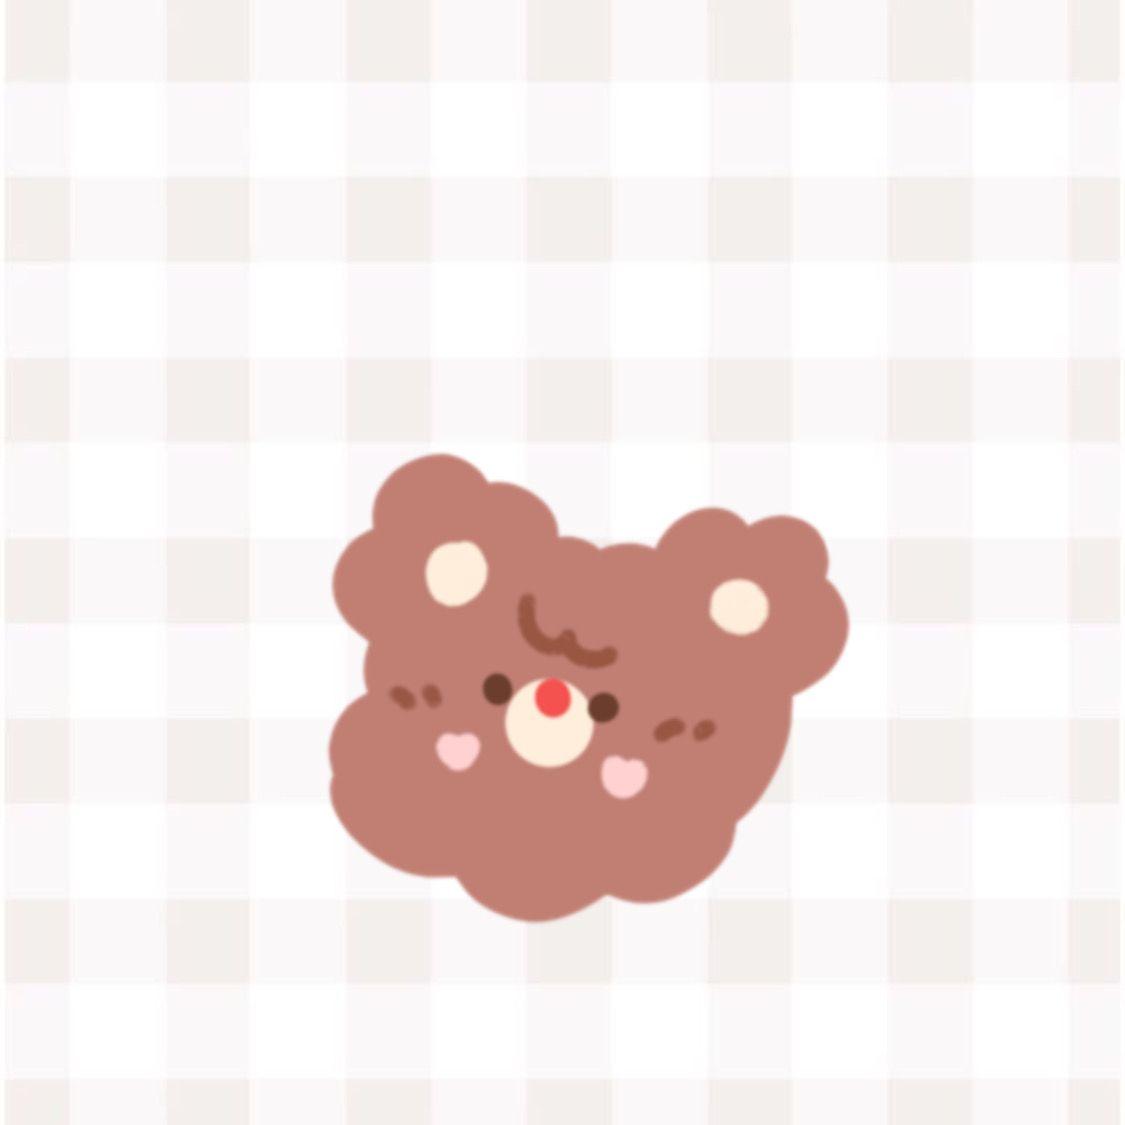 Ios 14 Icons Korean Aesthetic Cute Cartoon Drawings Cute Doodles Cute Icons